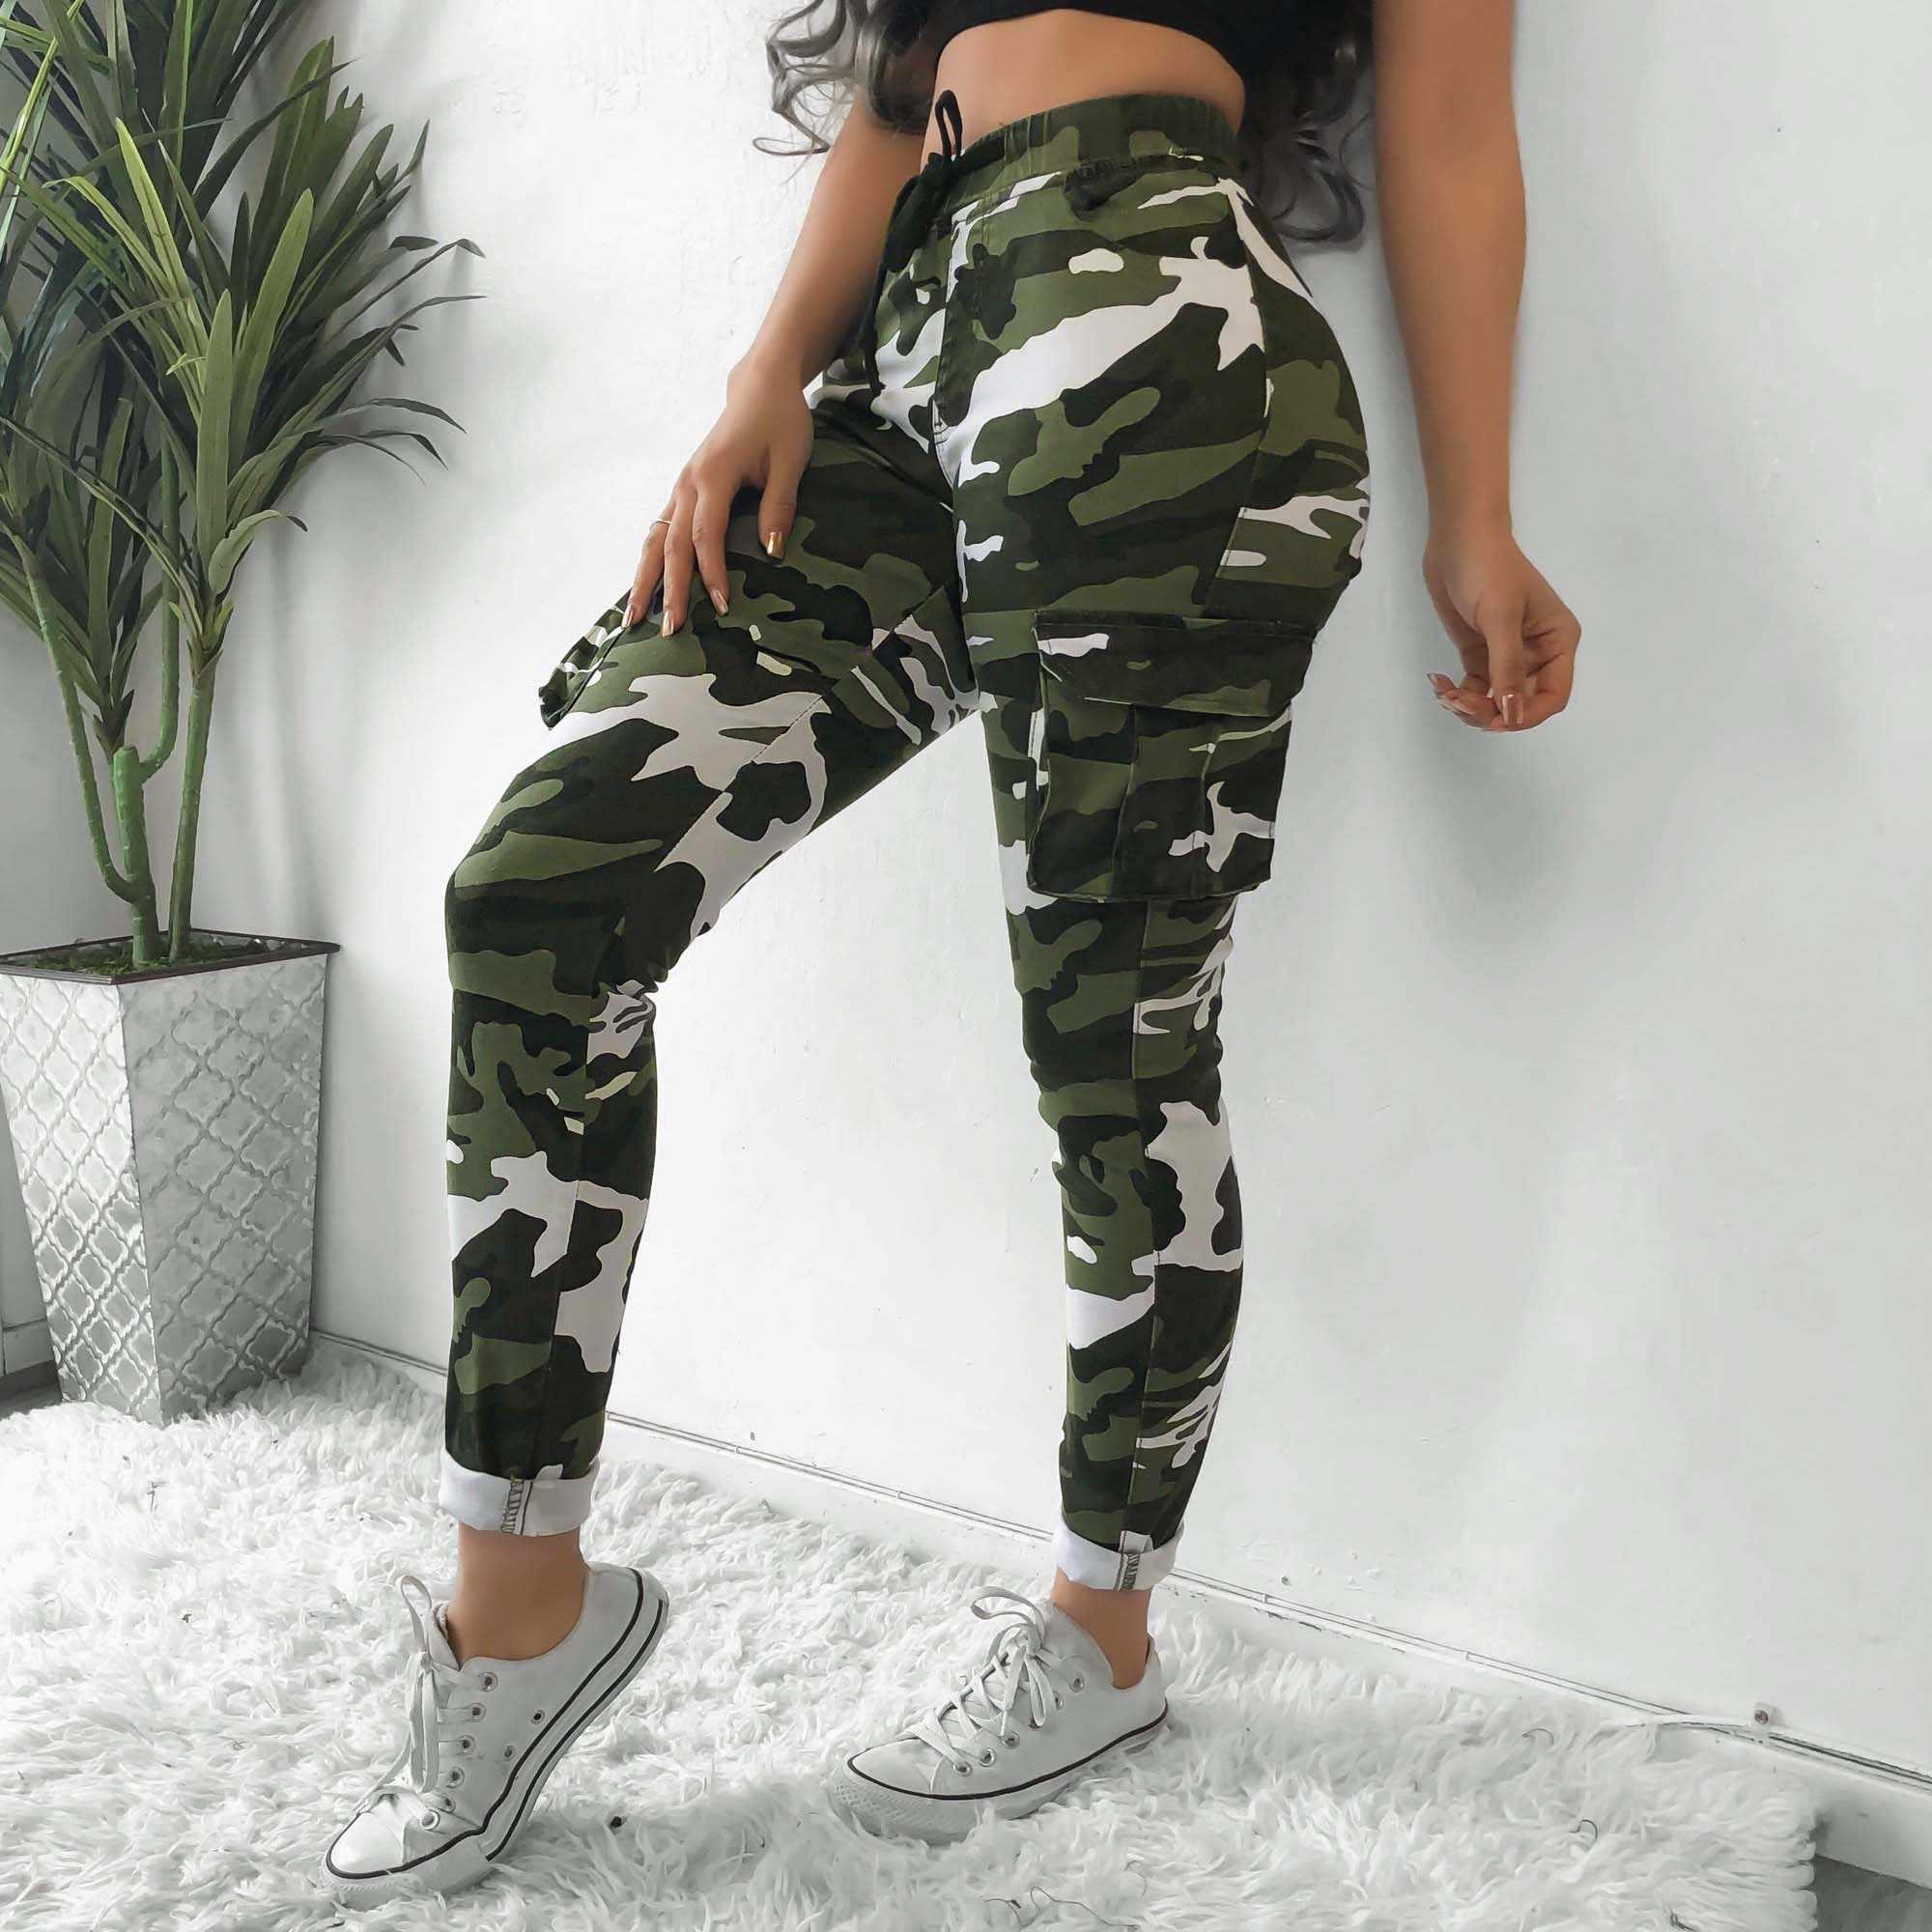 Las Mujeres Nueva Moda Casual Larga Camuflaje Pantalones Del Ejercito Cargo Para Correr De Camuflaje Militar Harem Pantalon Largo Pantalones De Correr Aliexpress